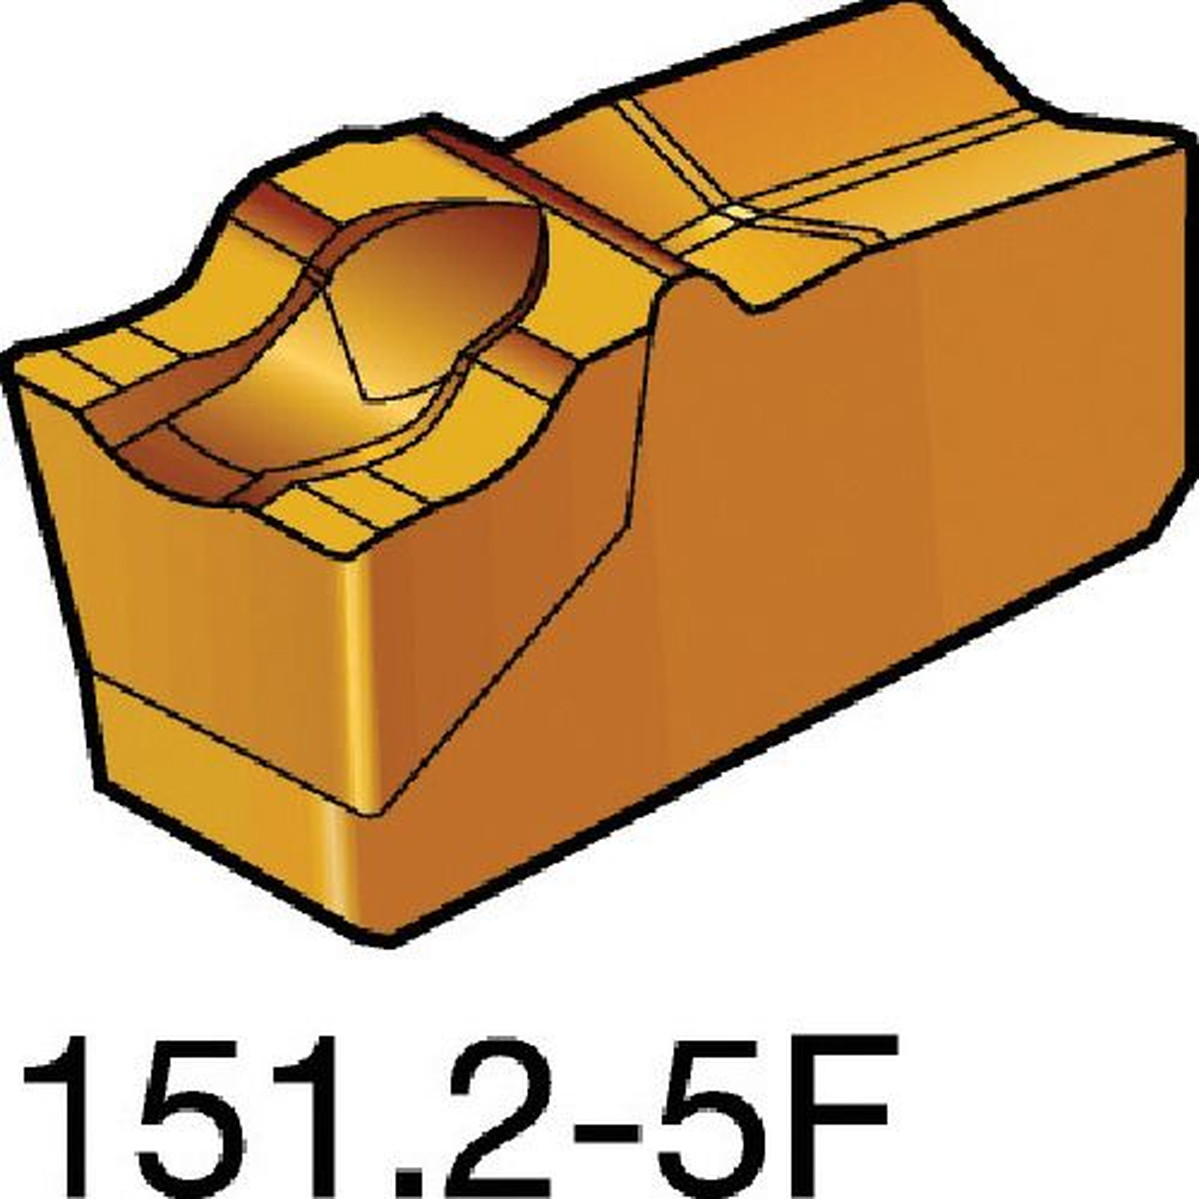 100%本物 サンドビック 10個 Q−カット T-Max 2135 Q-カット 突切り・溝入れチップ 2135 10個, エプロンマーケット:33e75387 --- promotime.lt